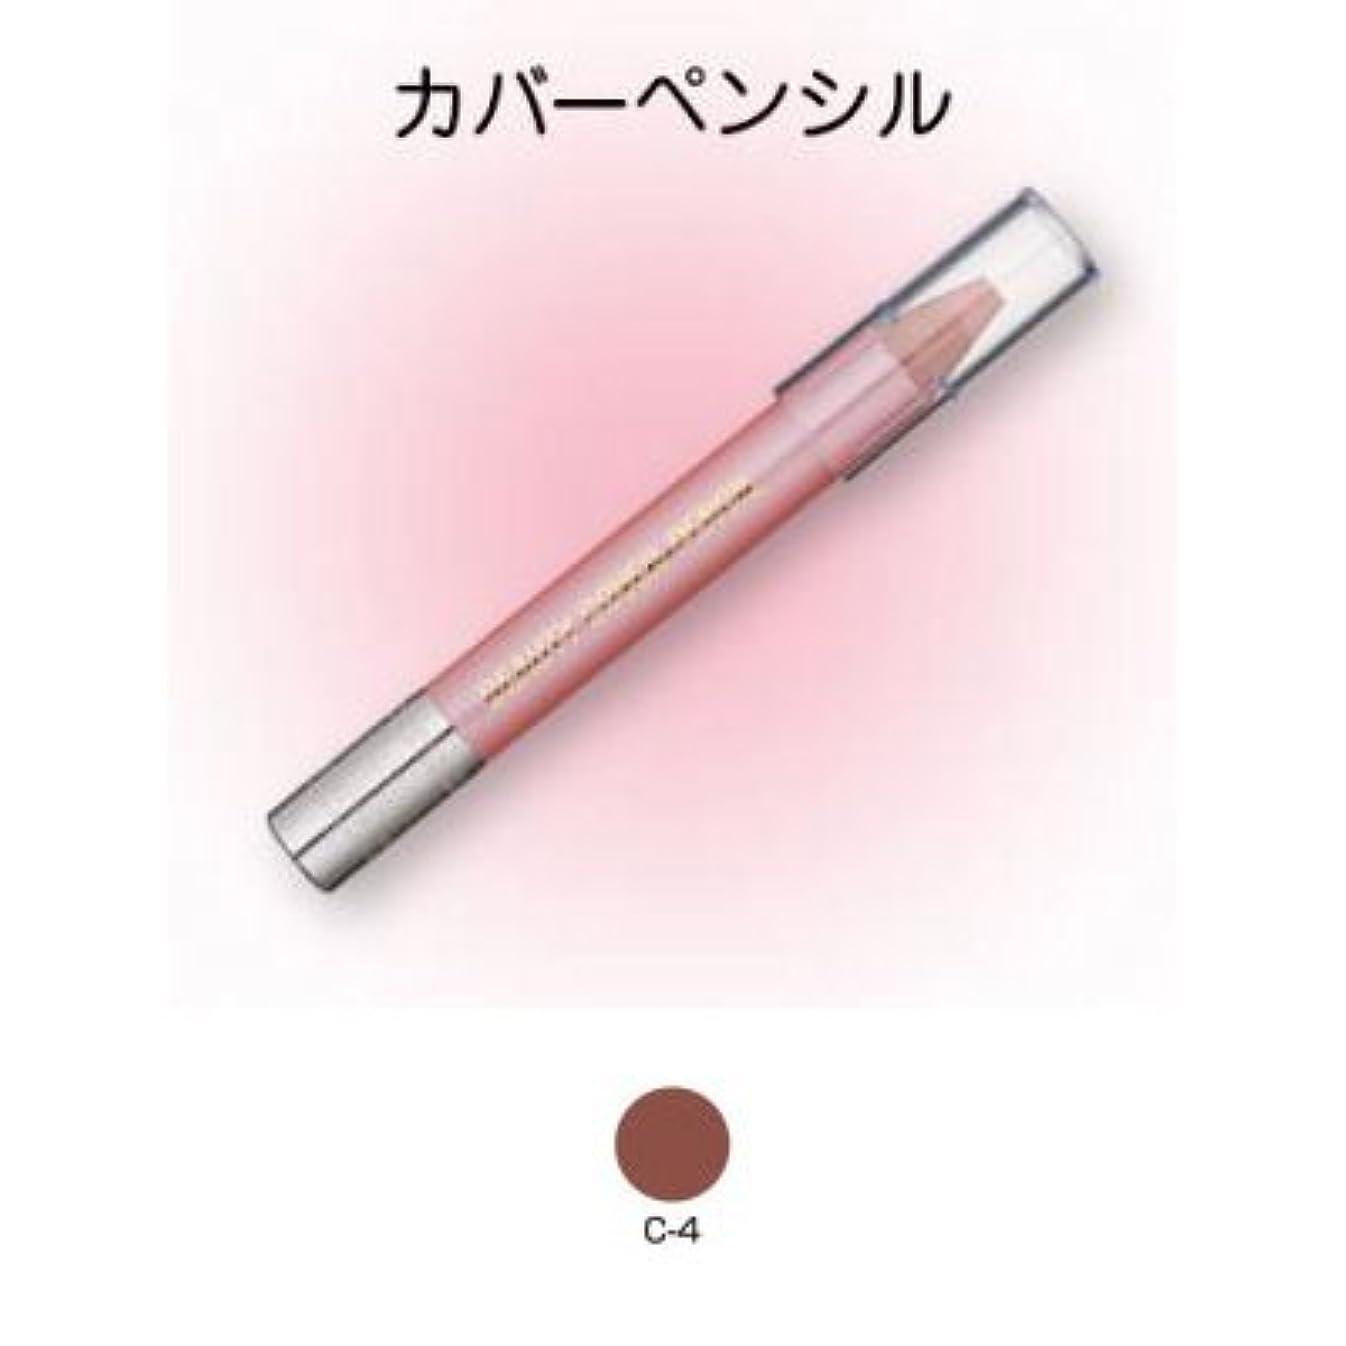 肥満清める天気ビューティーカバーペンシル C-4【三善】